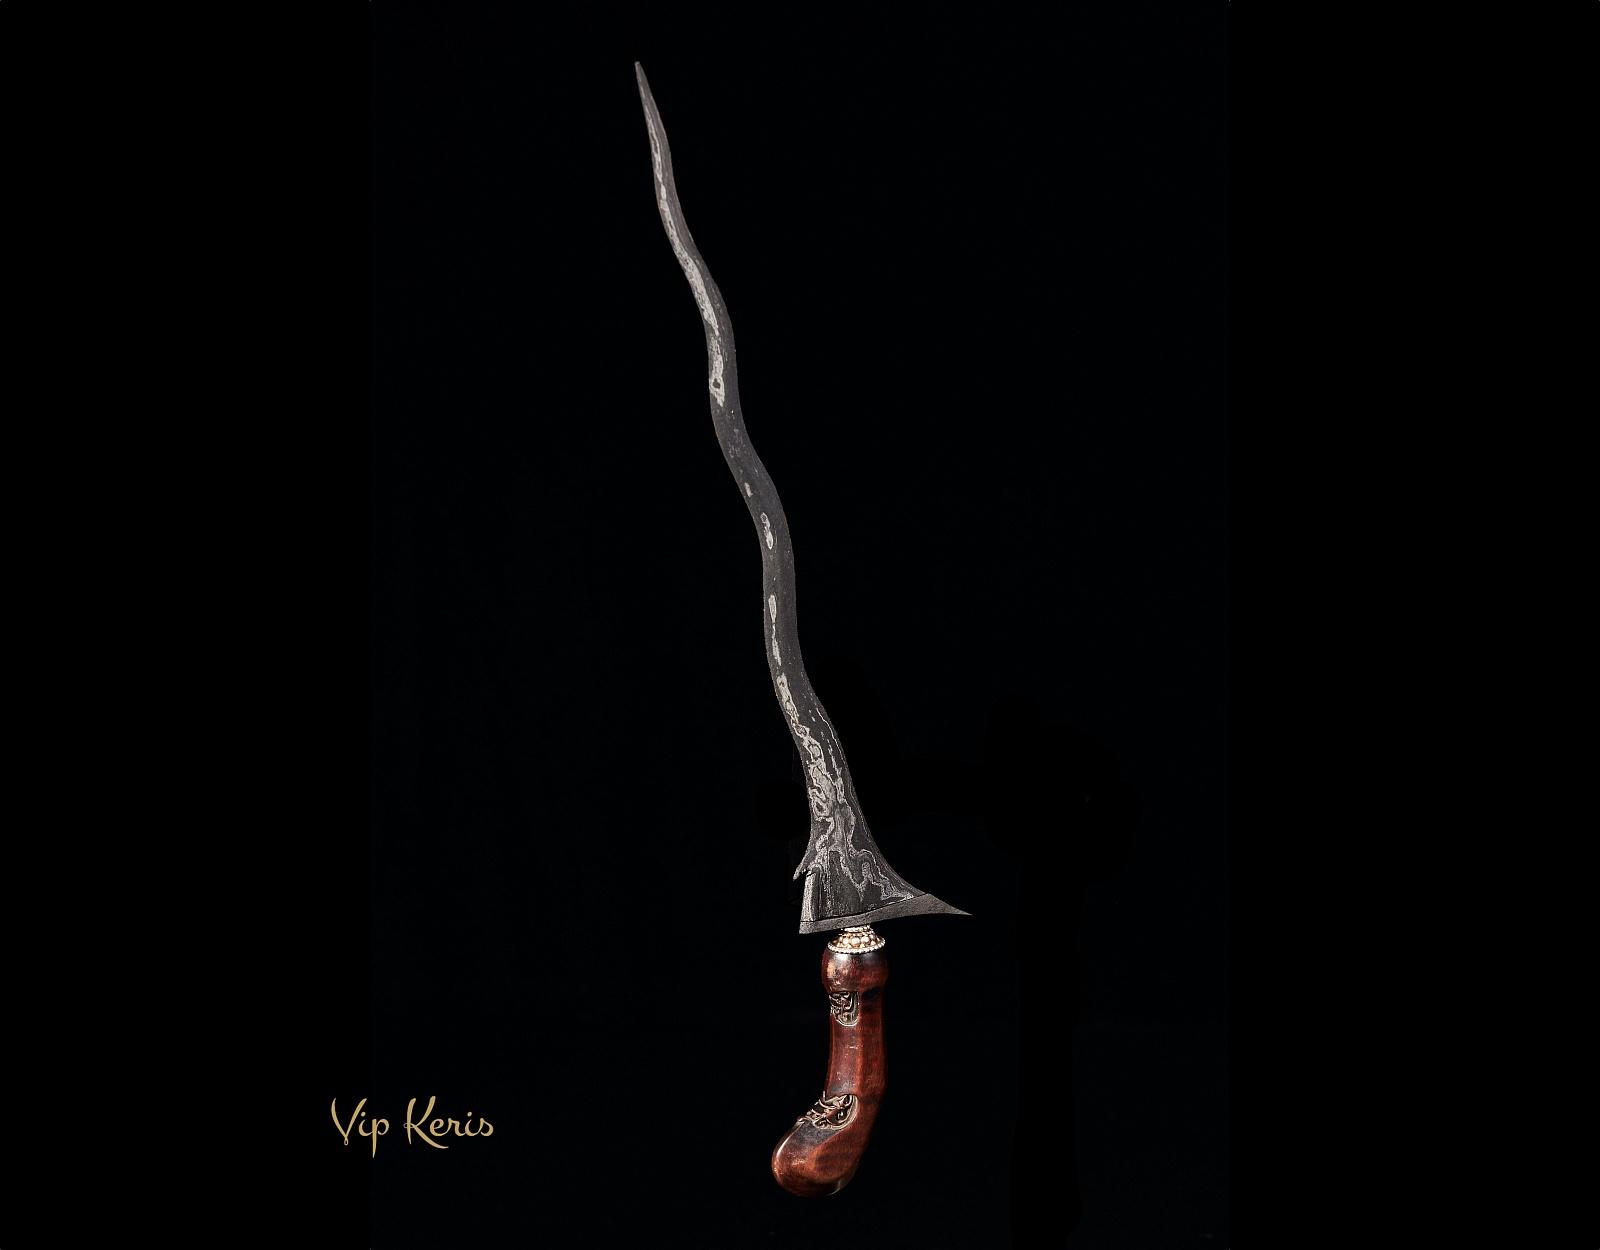 Ритульный кинжал Крис Sempono Panjul Luk7, воздух фото VipKeris